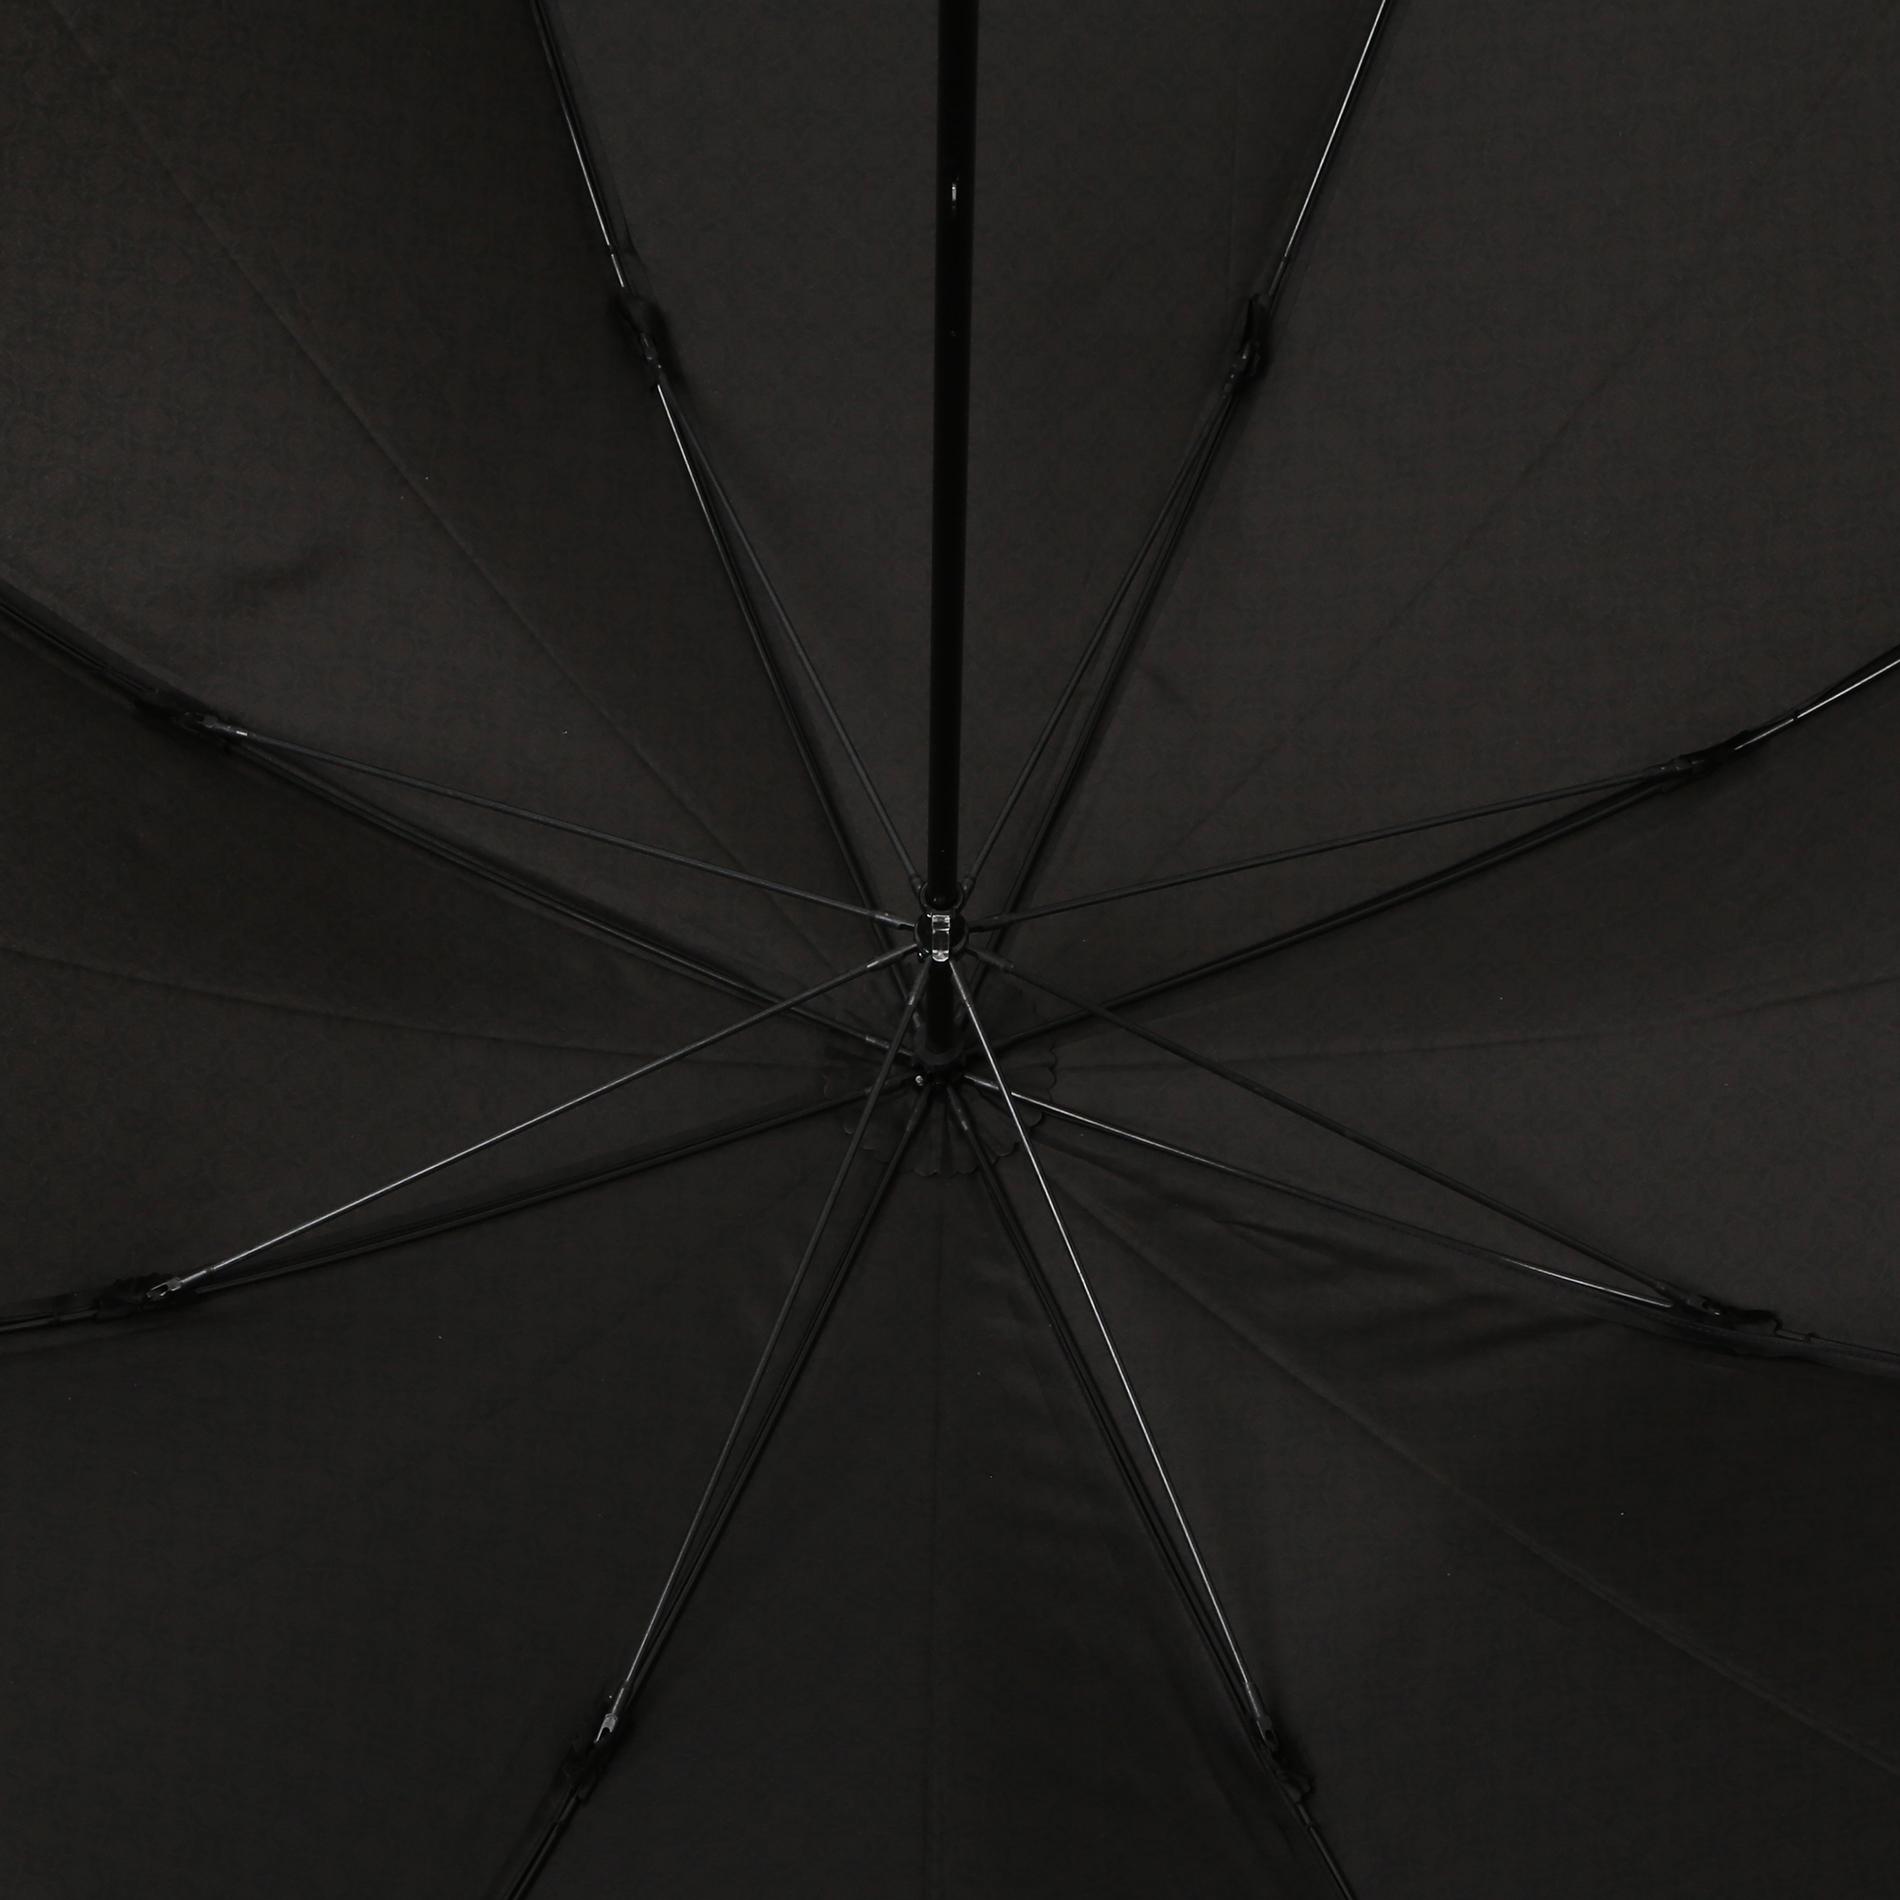 アンドリューパターンプリント長傘